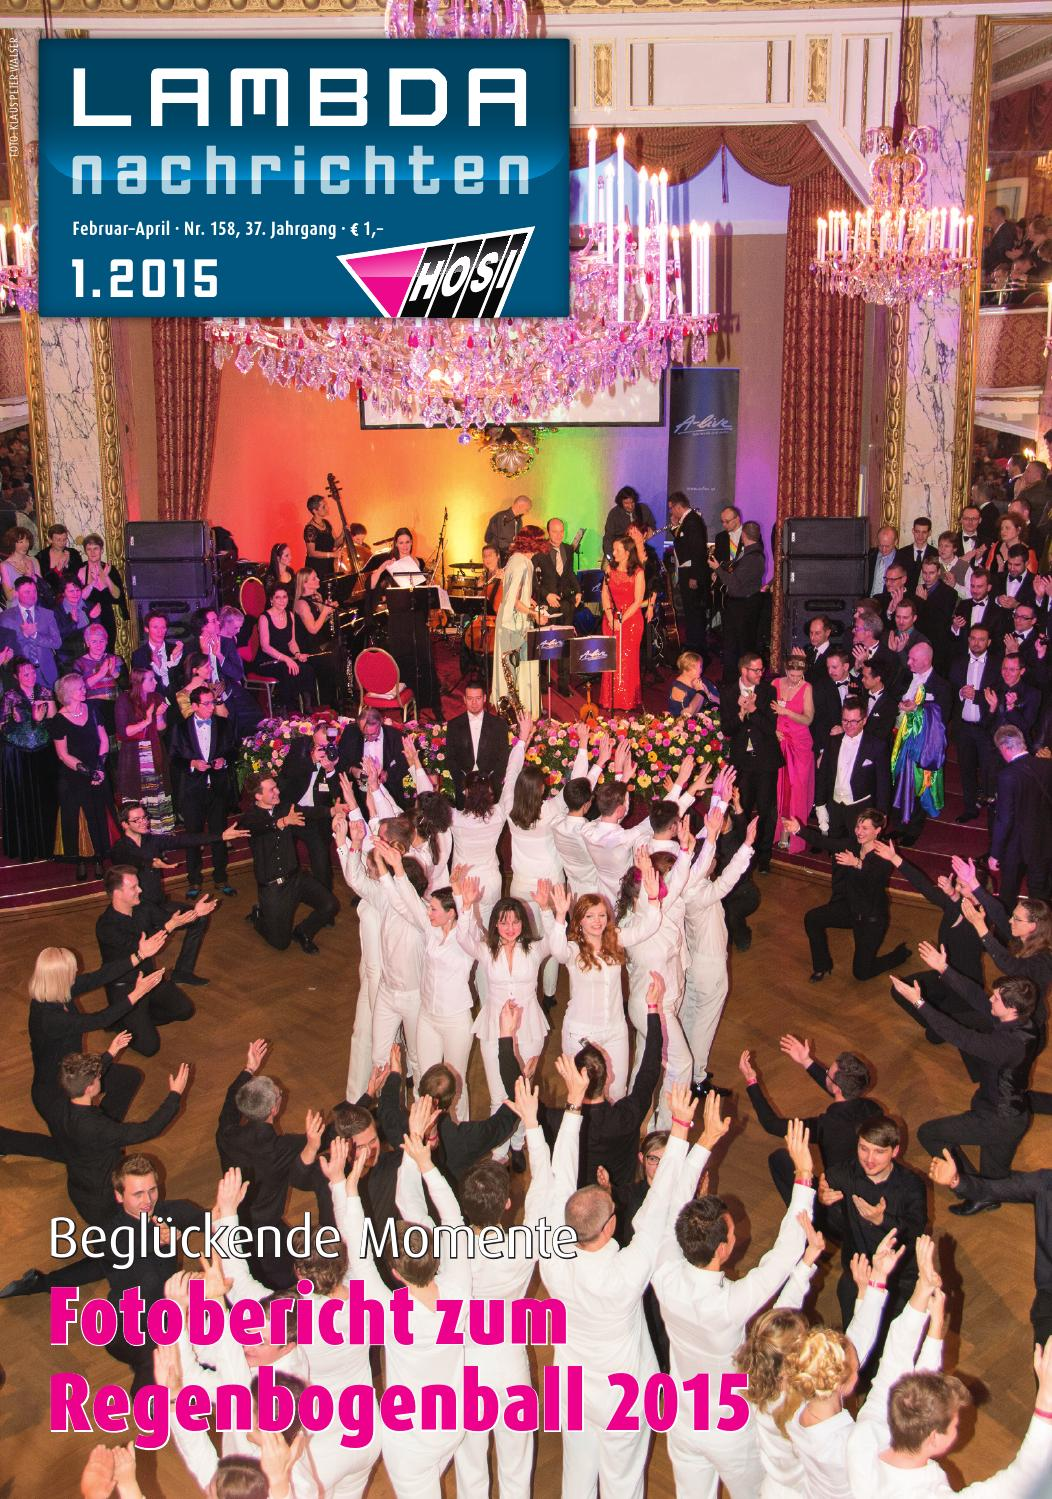 LAMBDA-Nachrichten 1.2015 by Homosexuelle Initiative (HOSI) Wien - issuu